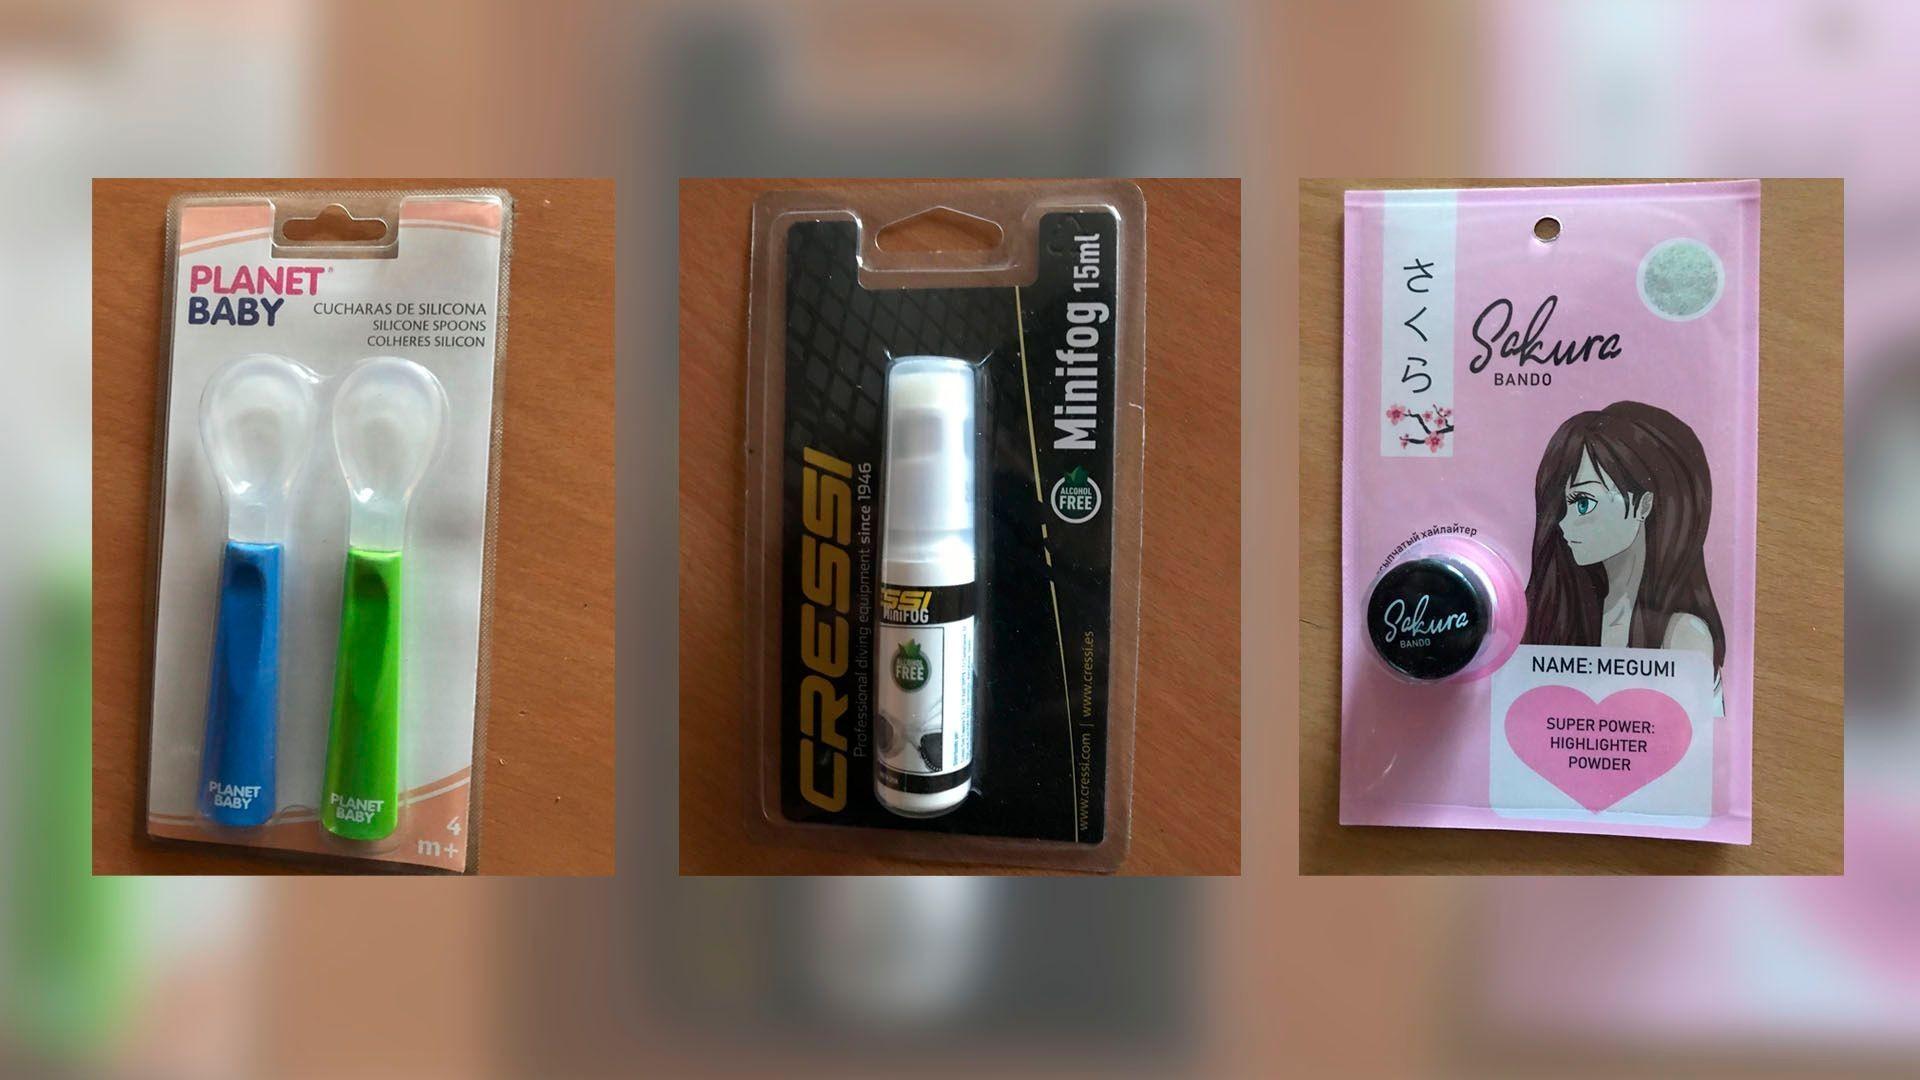 Almacenaje y distribución de productos envasados en Sant Boi de Llobregat